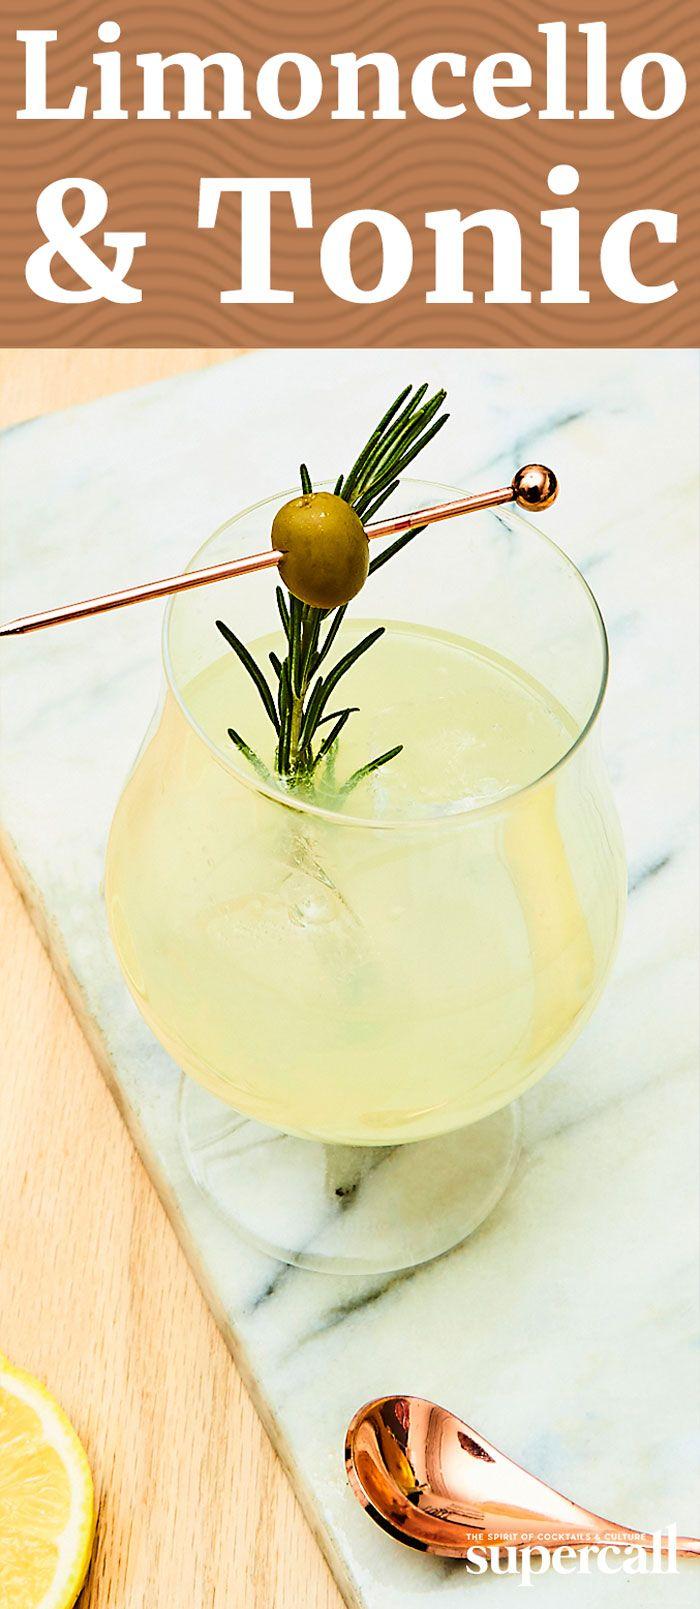 Limoncello & Tonic #limoncellococktails